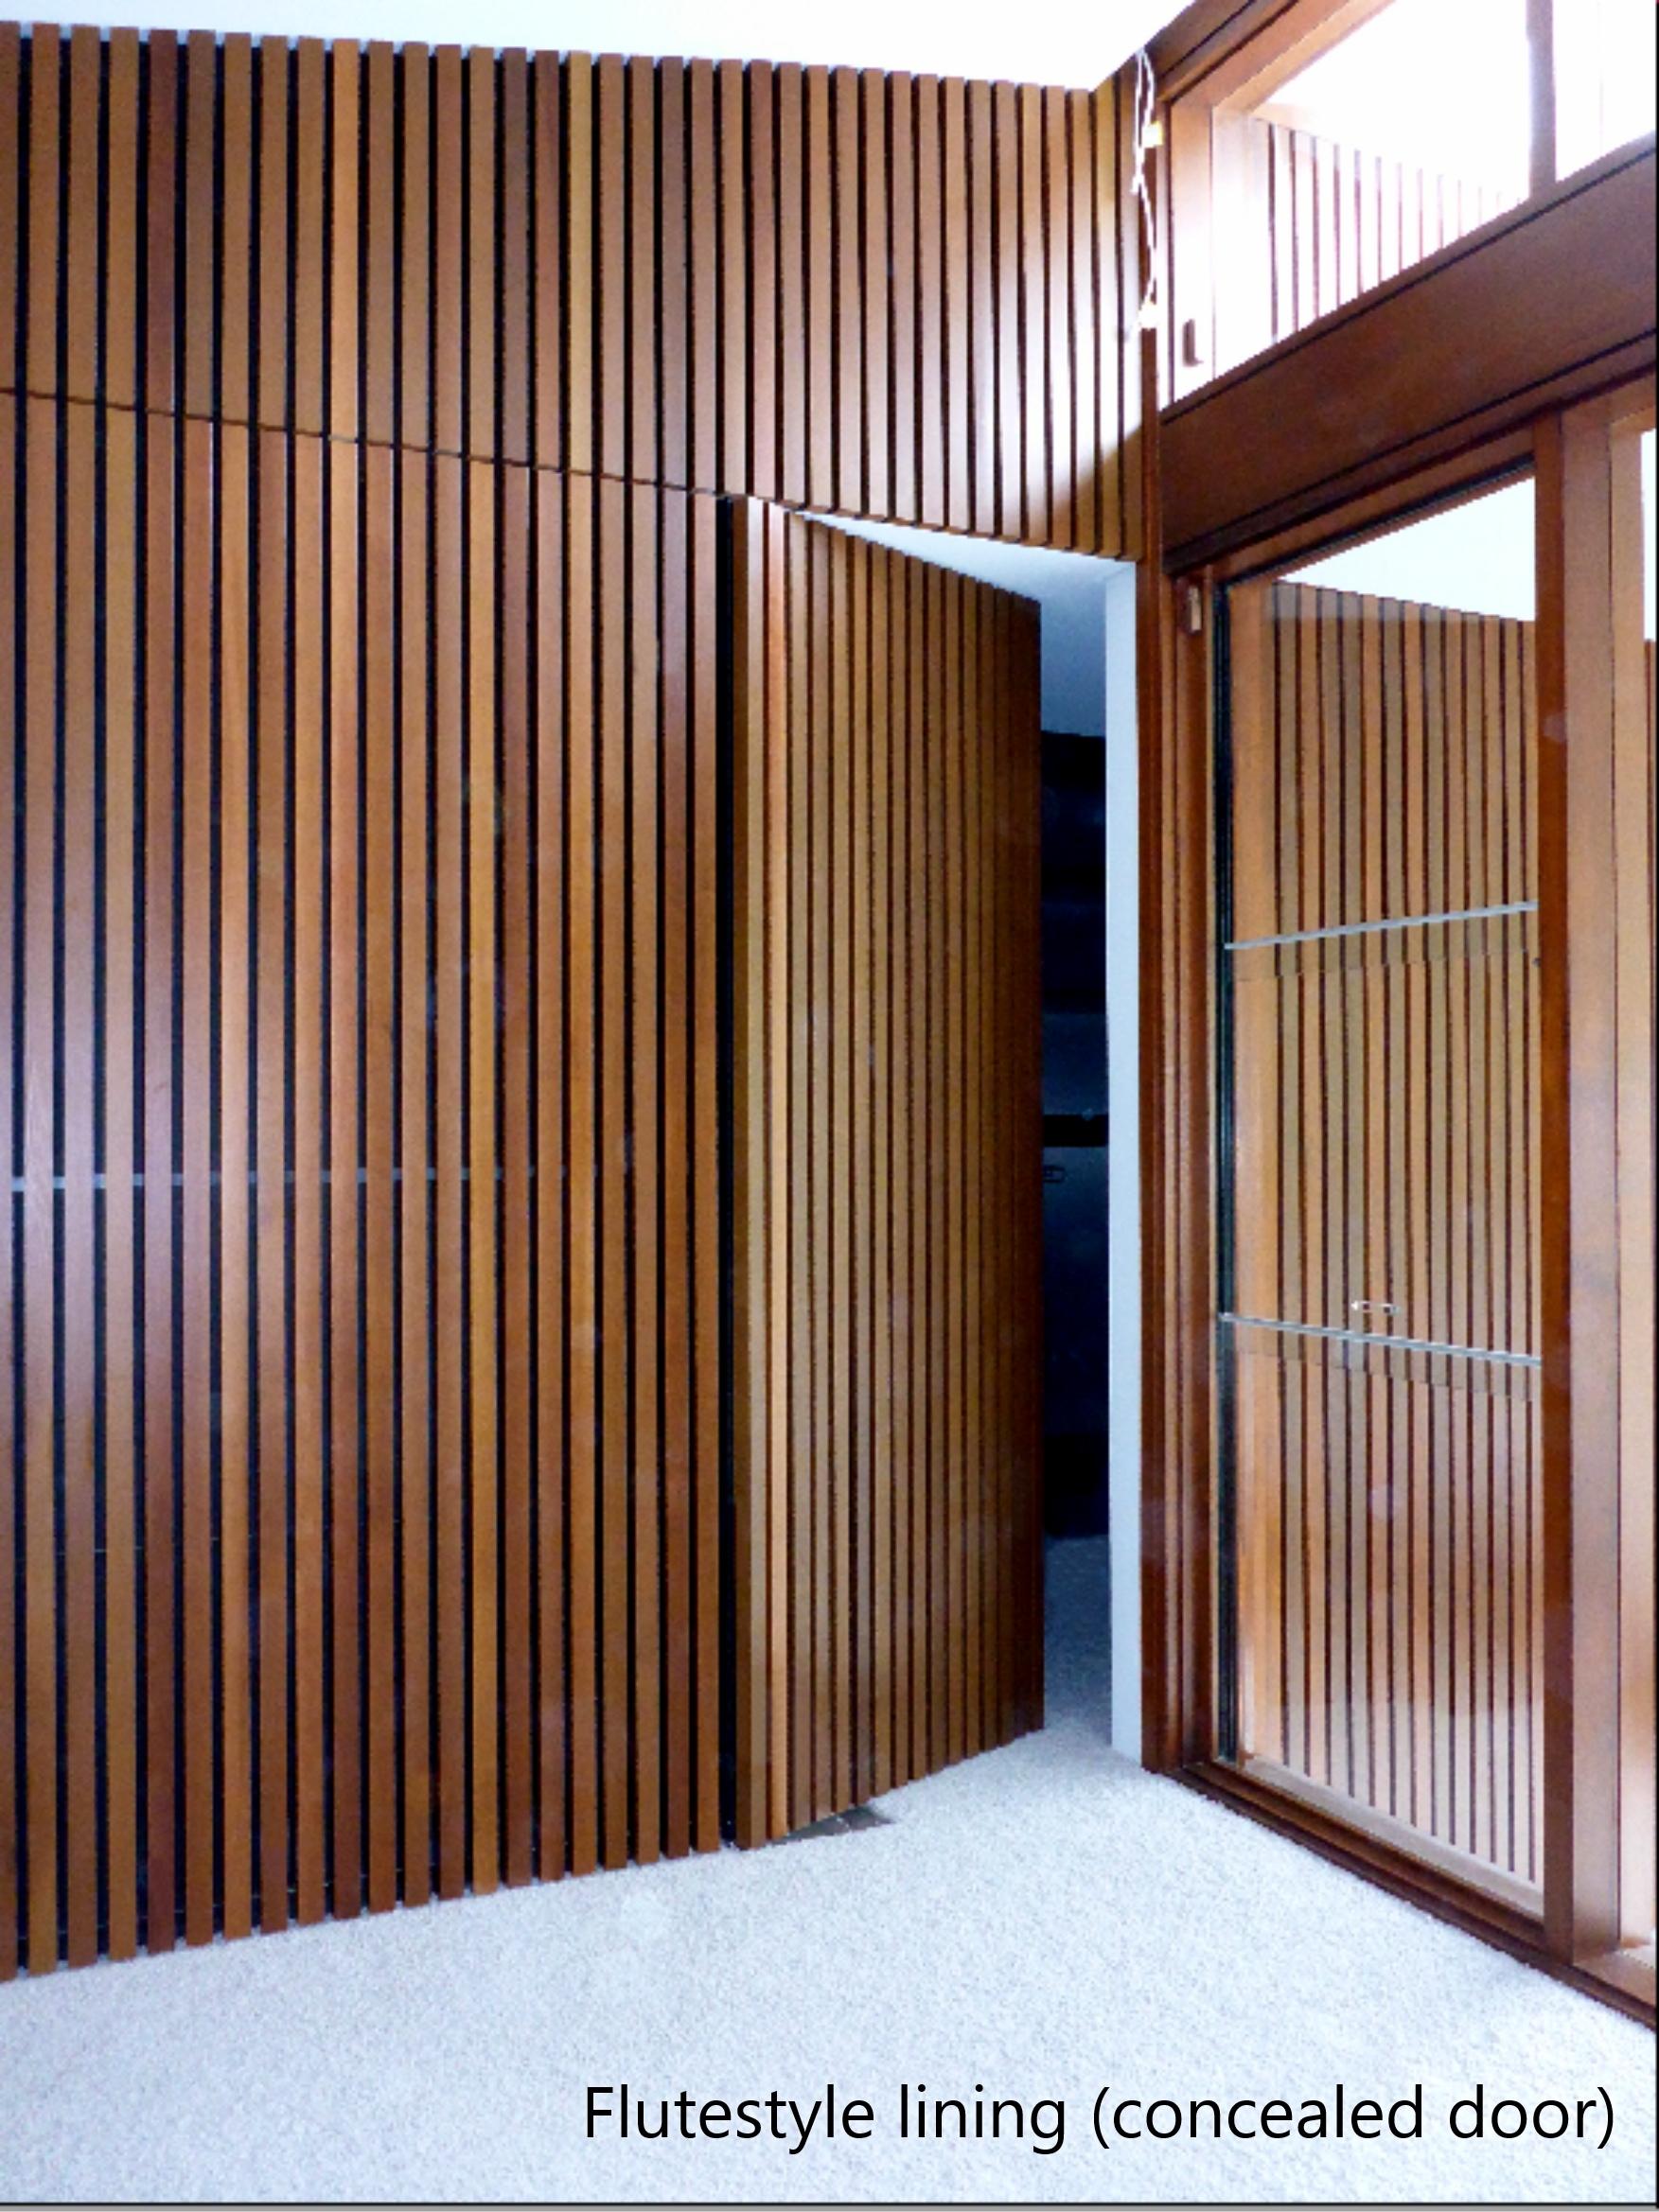 Flutestyle lining with hidden door